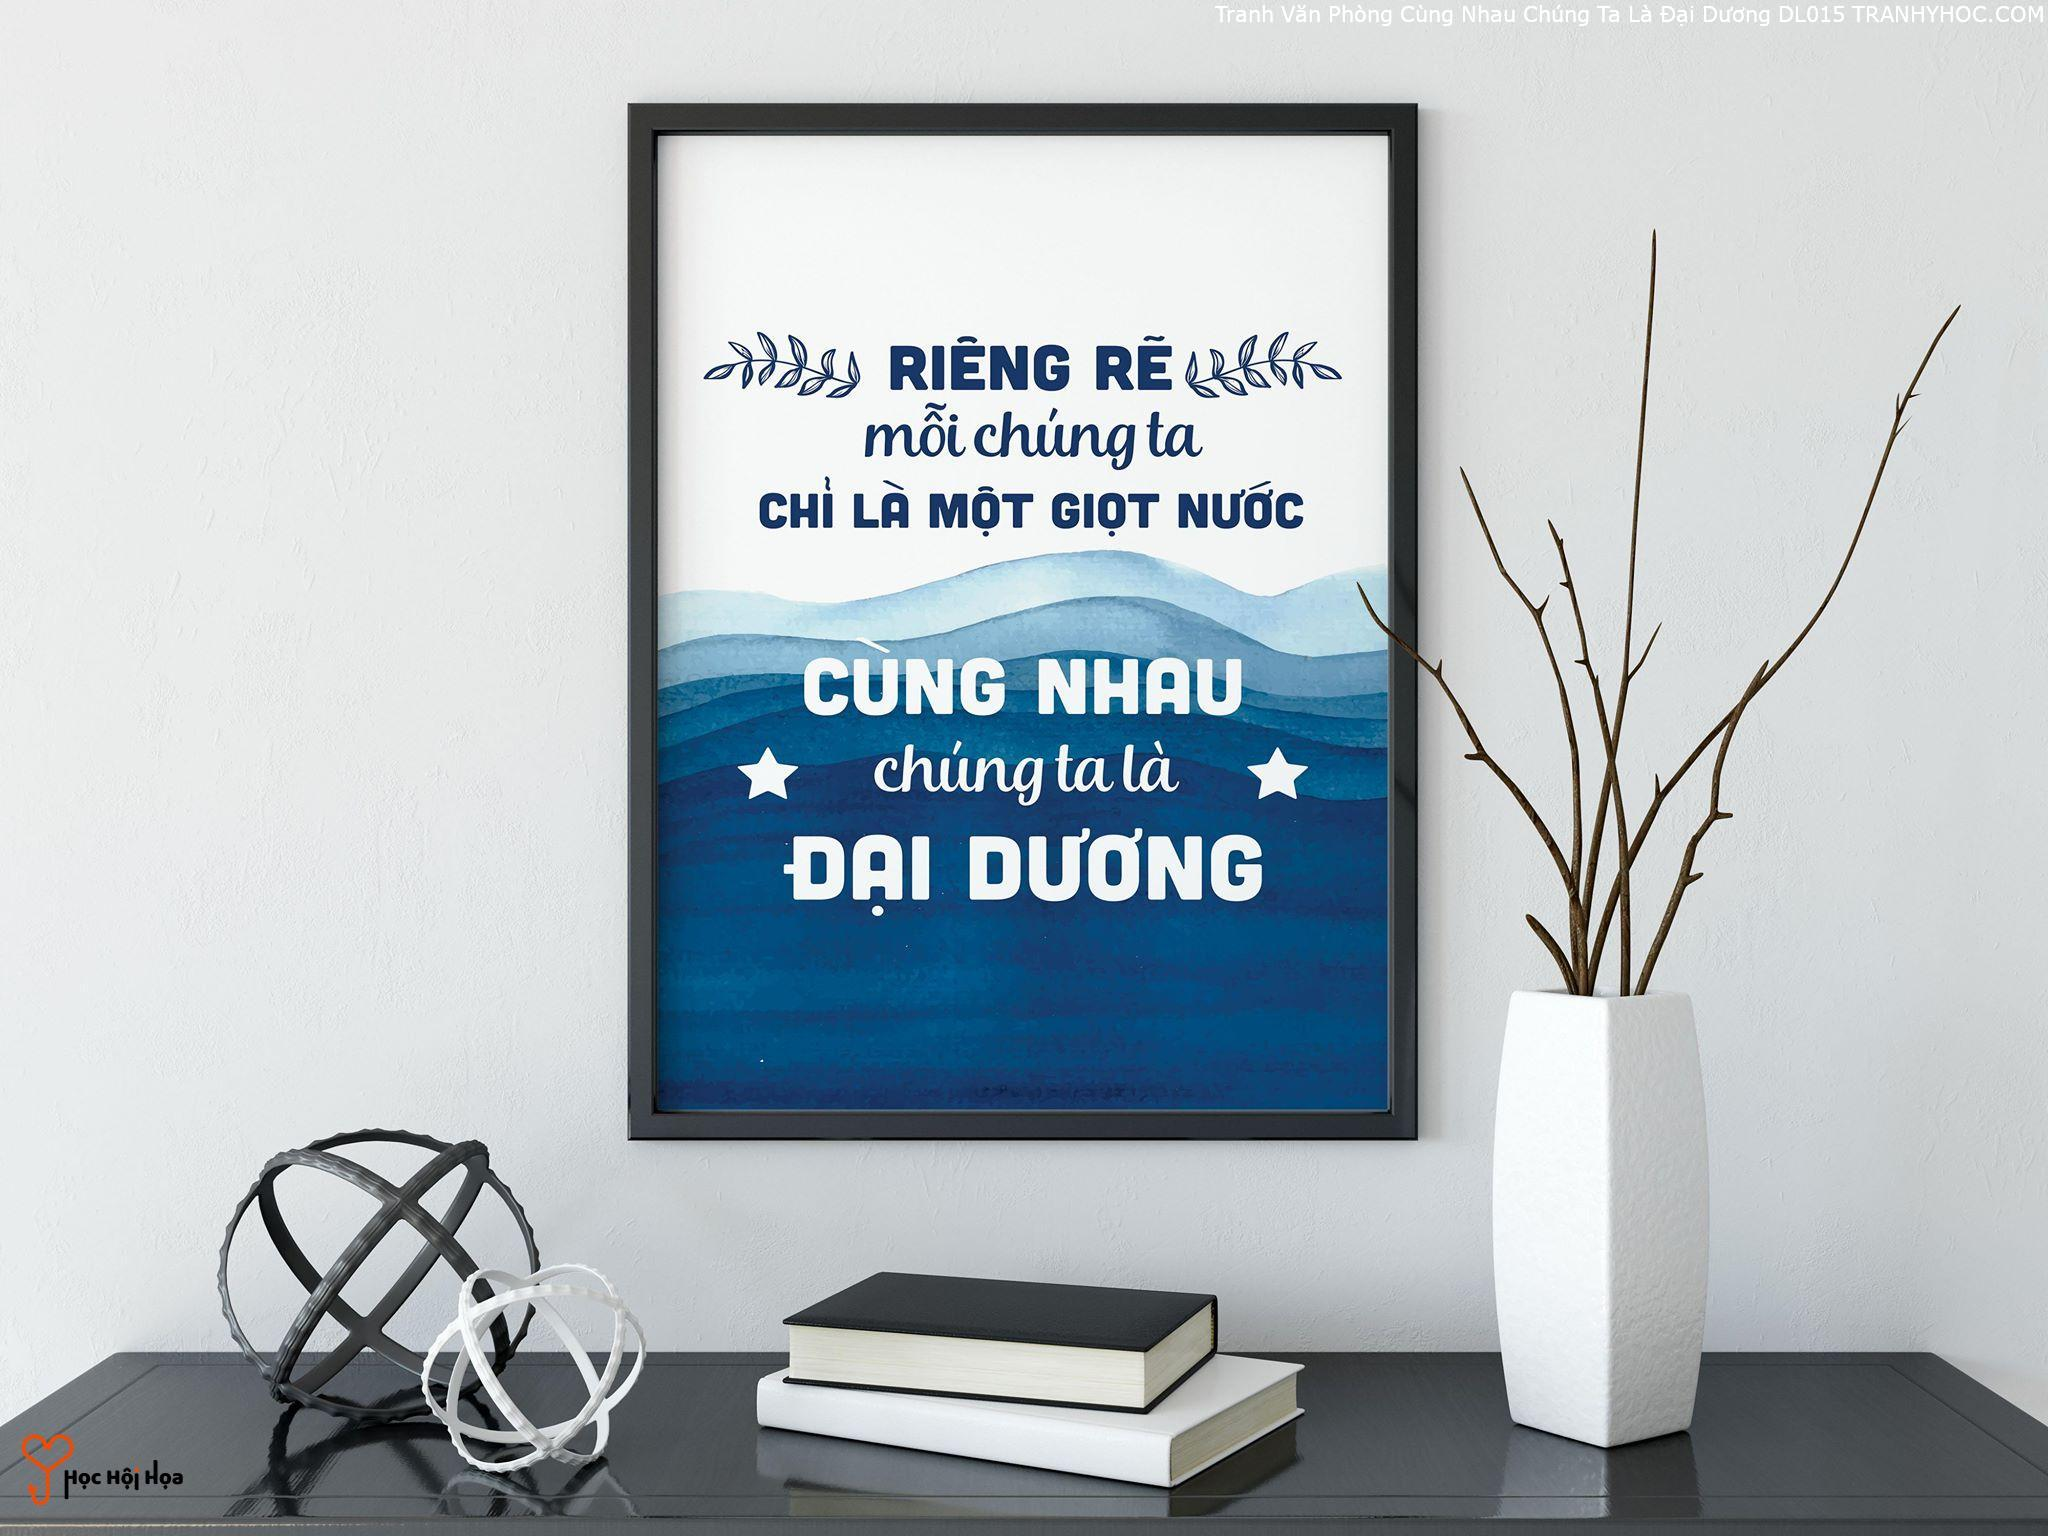 Tranh Văn Phòng Cùng Nhau Chúng Ta Là Đại Dương DL015